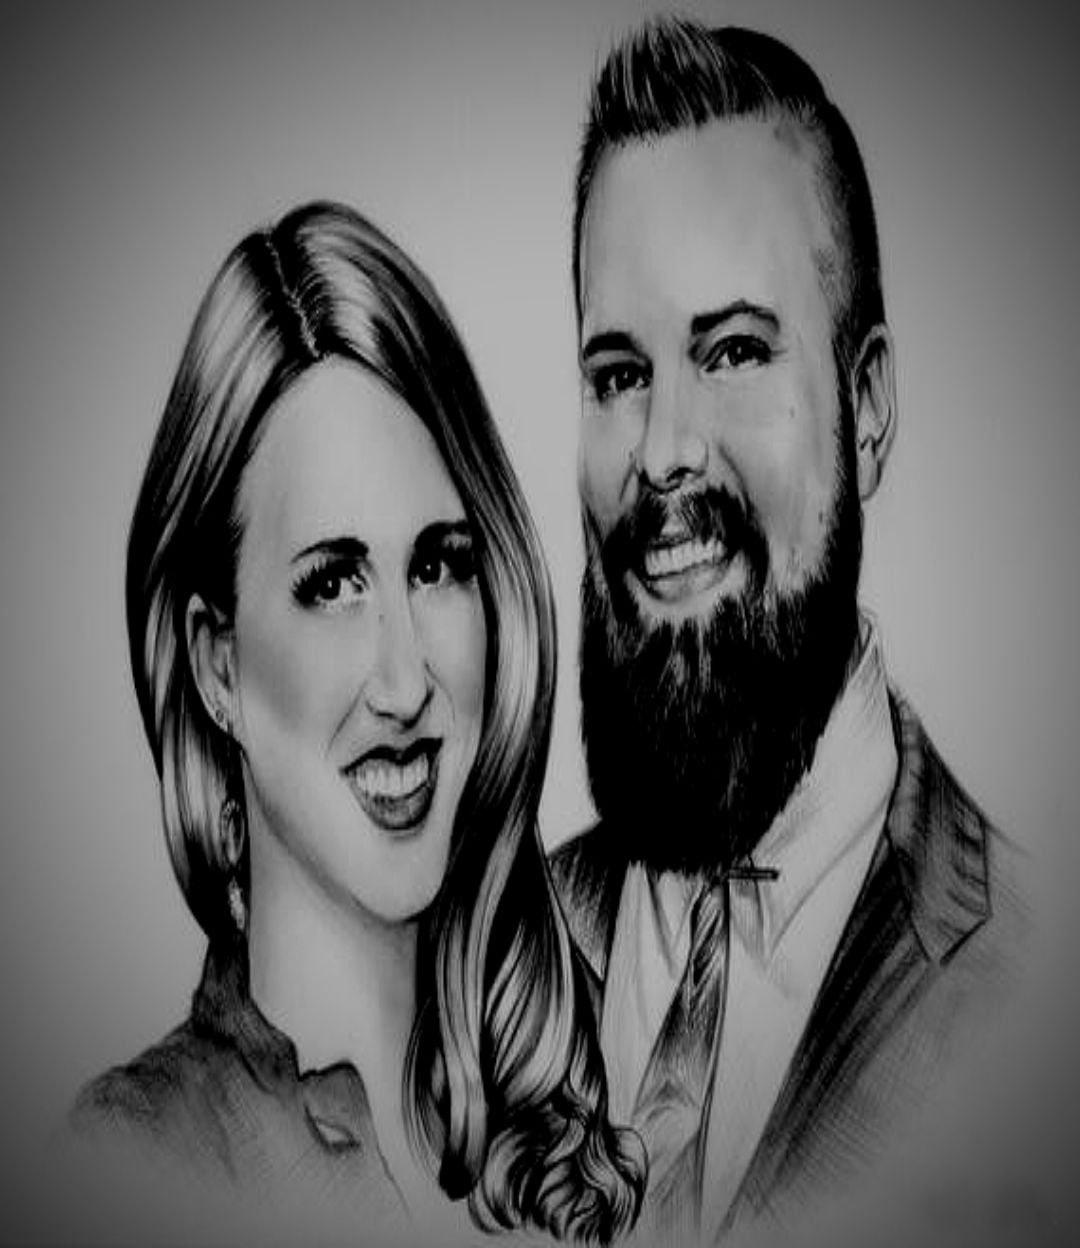 COUPLE SKETCH portrait